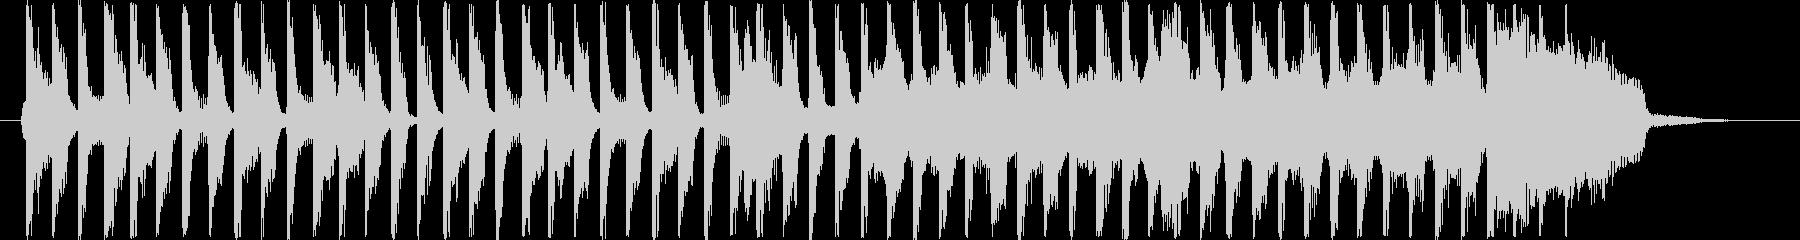 15秒CM お子様 ほのぼの コマソンの未再生の波形